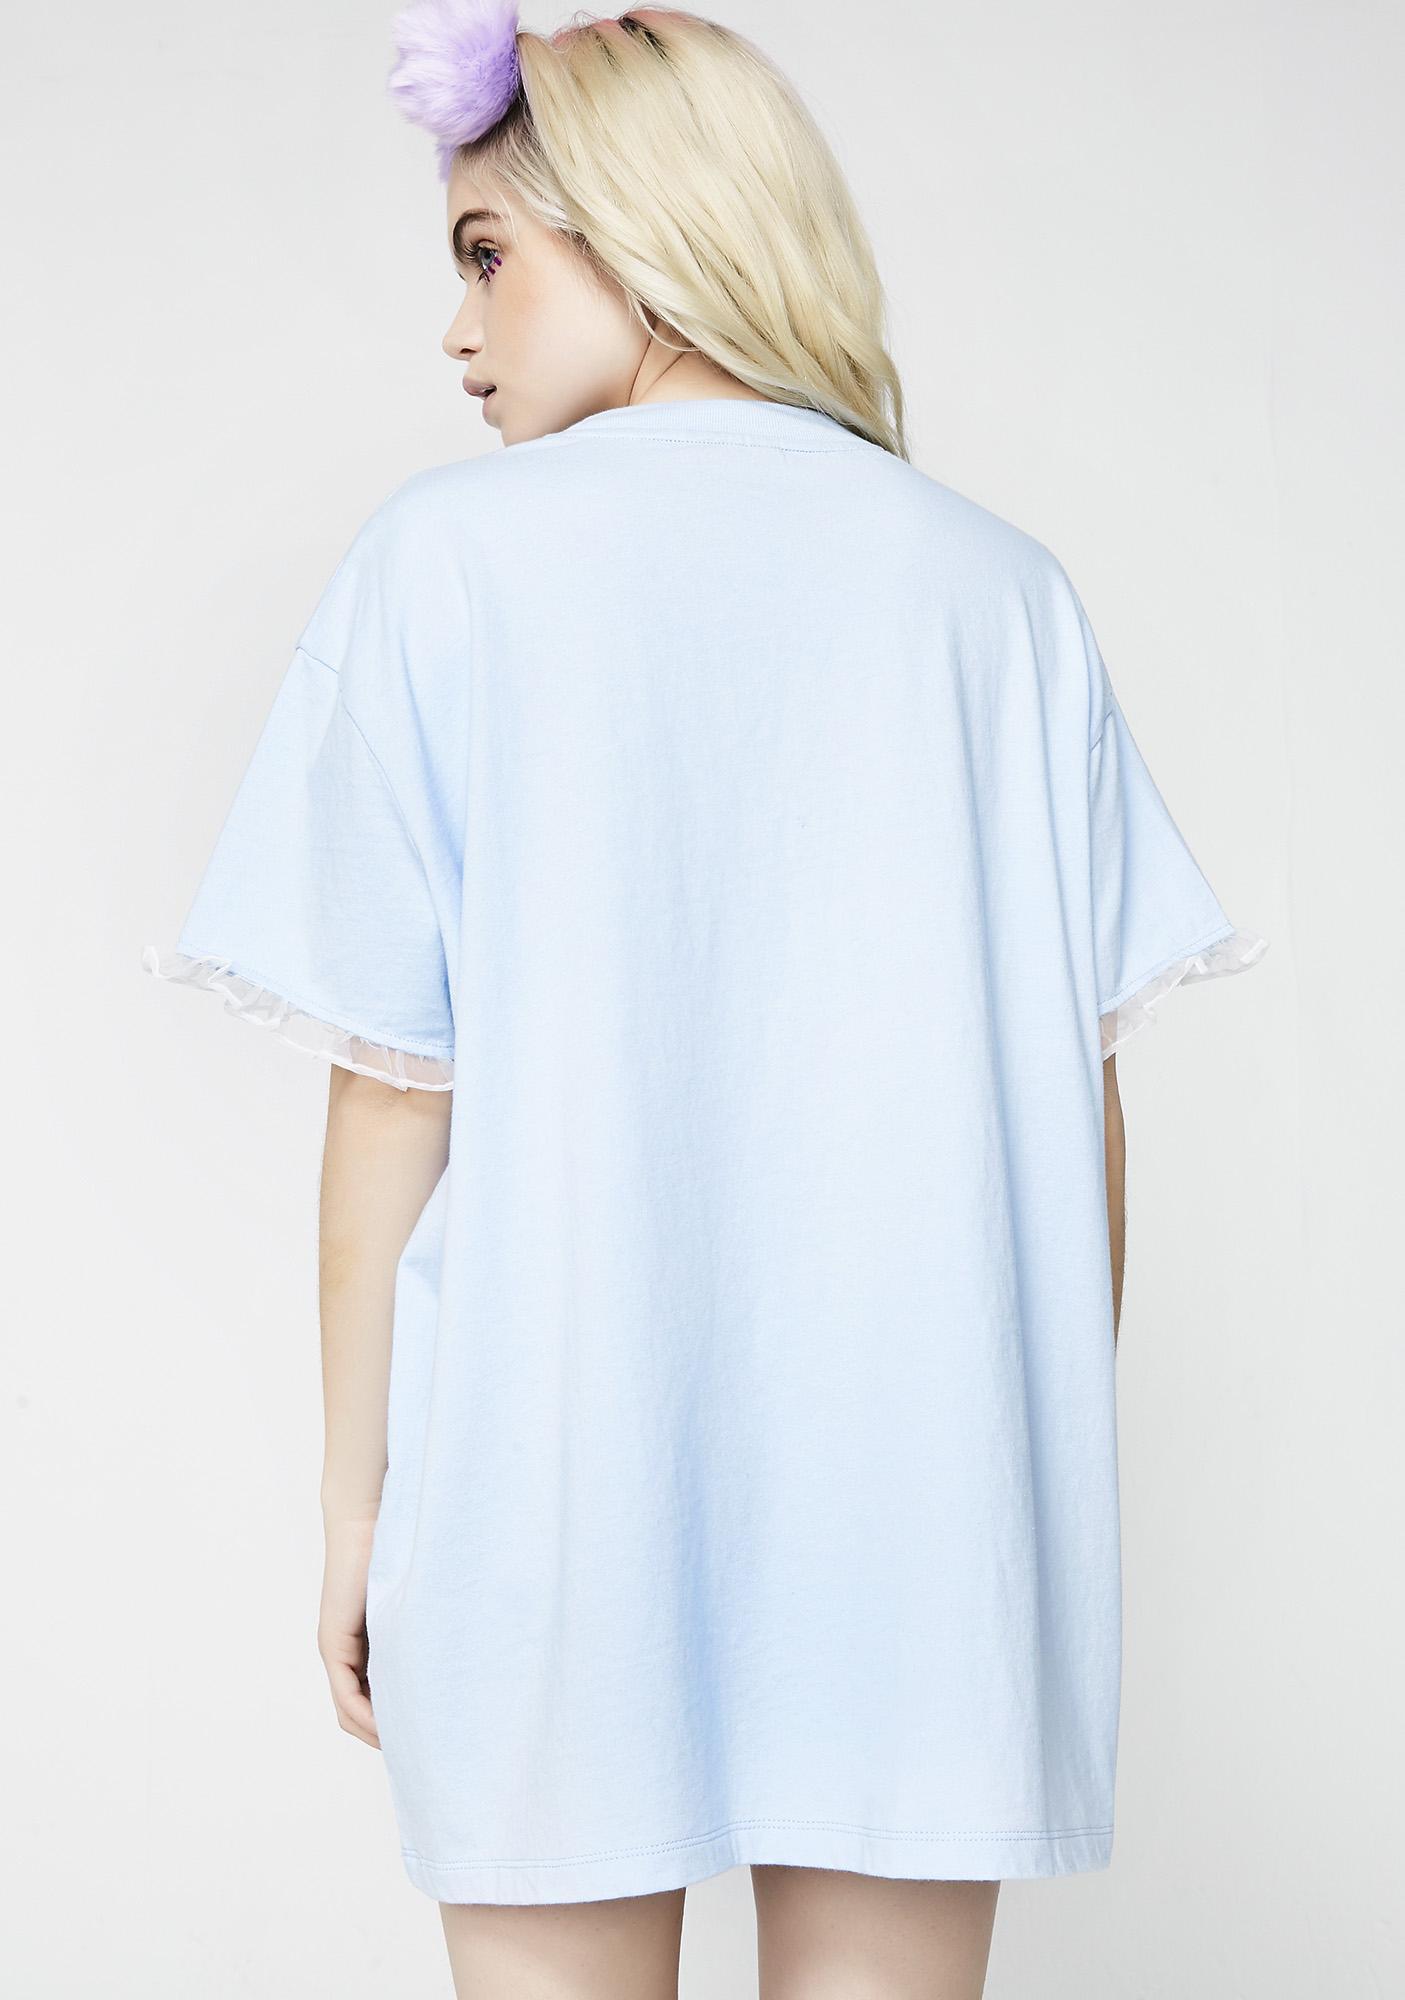 Lazy Oaf Fluffy Cloud T-Shirt